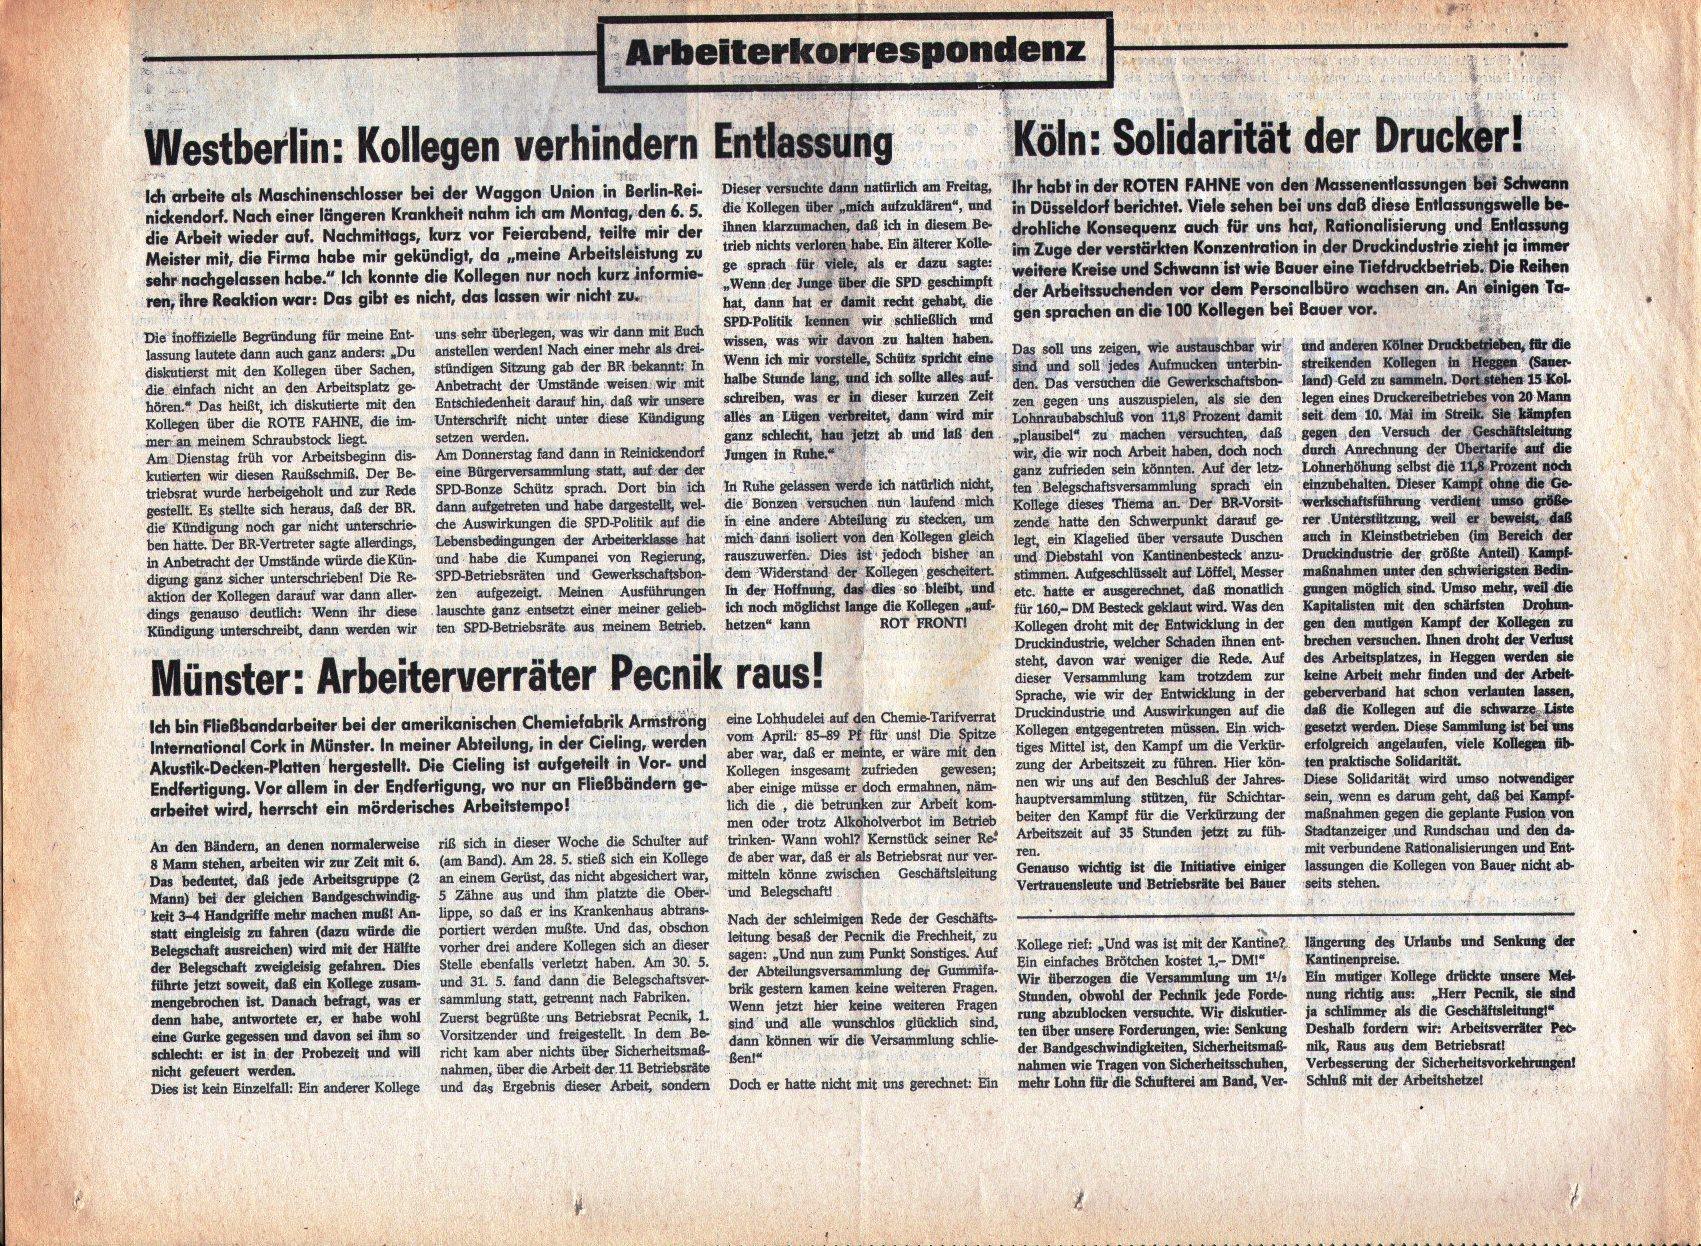 KPD_Rote_Fahne_1974_23_08